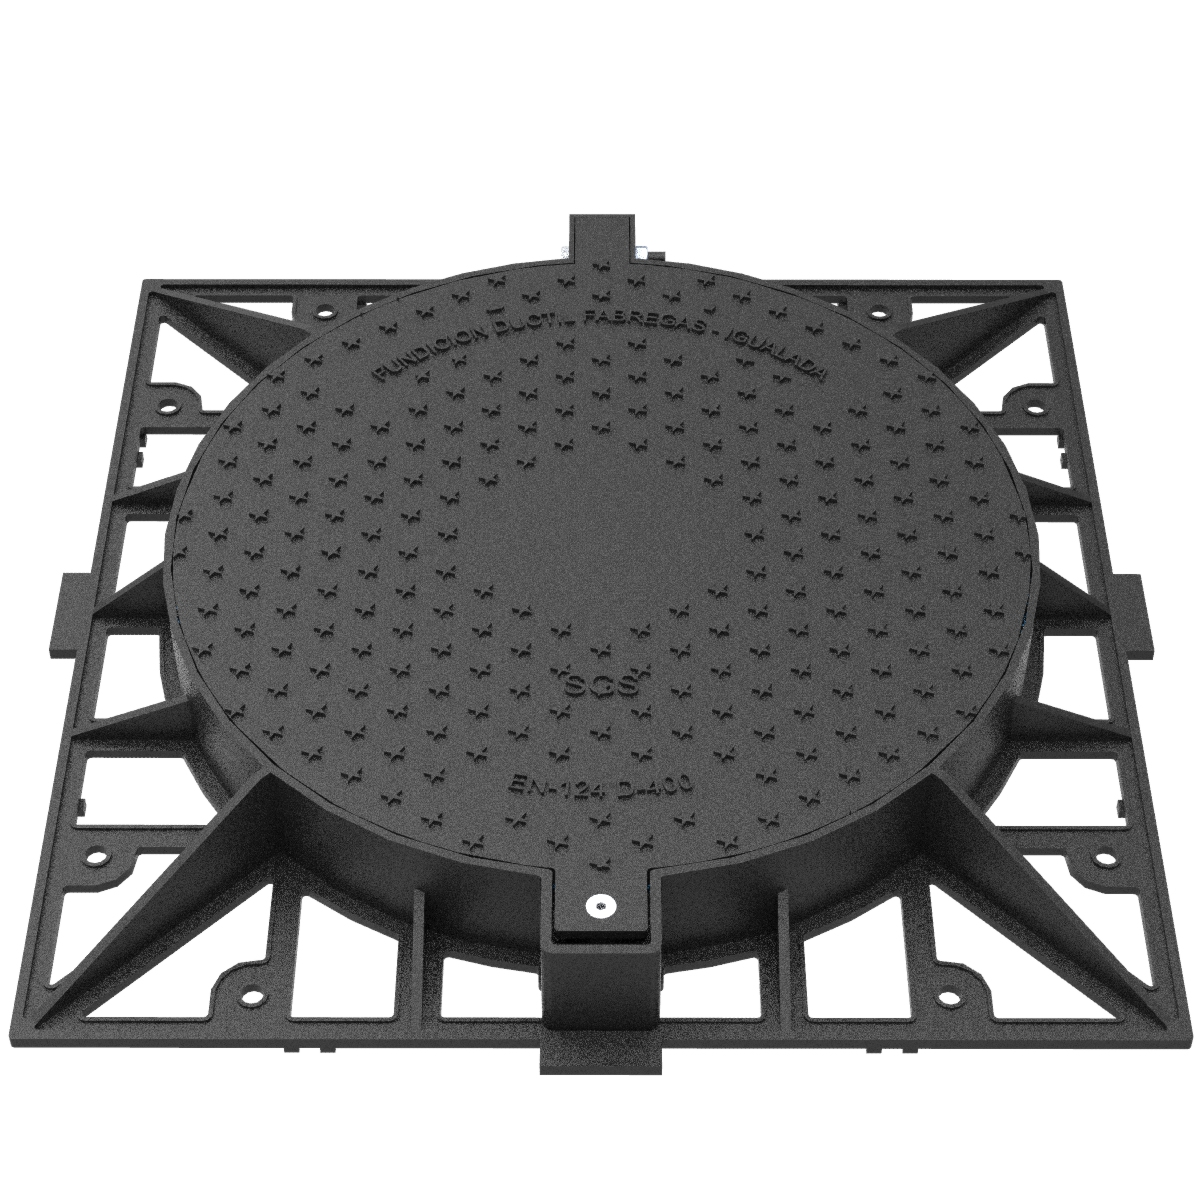 Tapa circular y marco cuadrado abatible de registro R-2-AR-D400